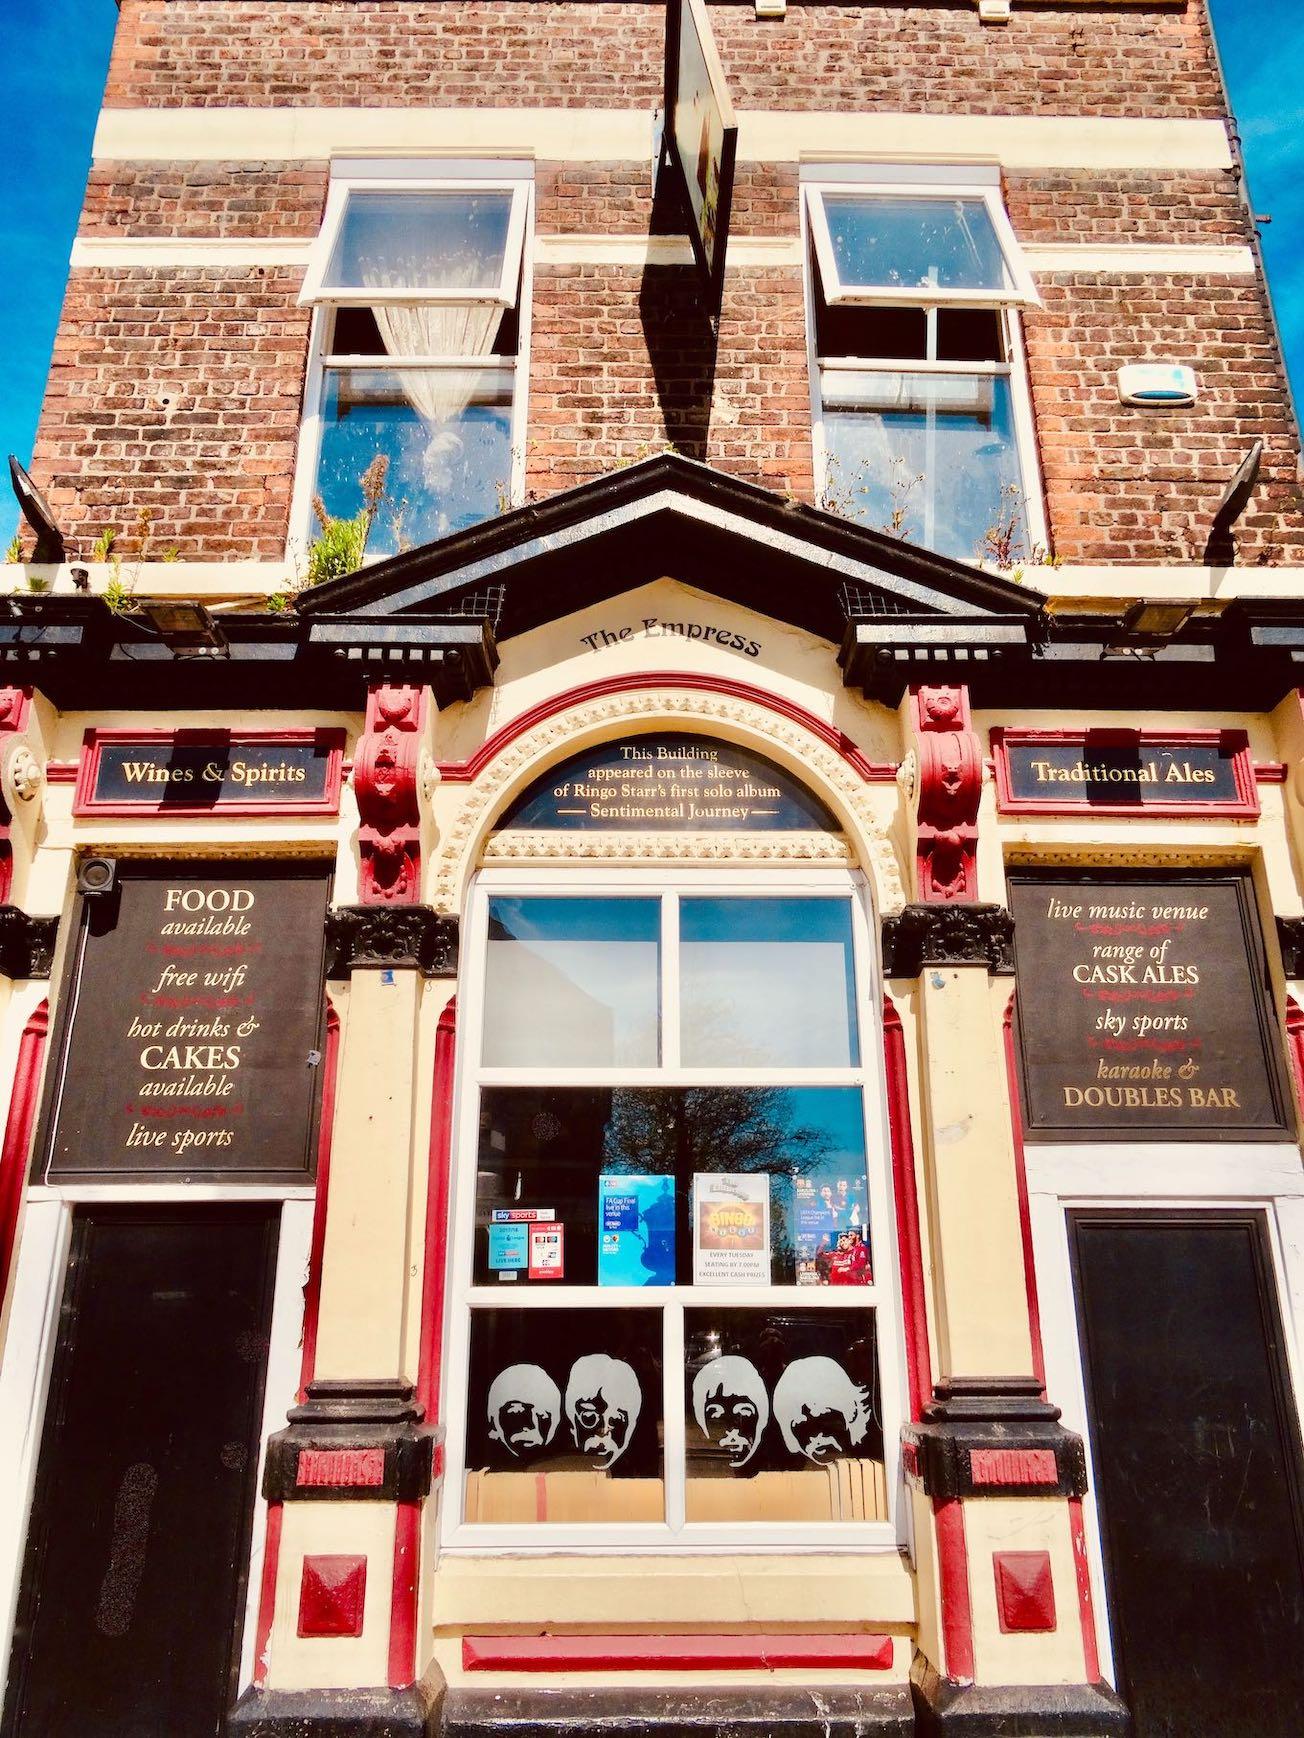 The Empress Pub Liverpool.